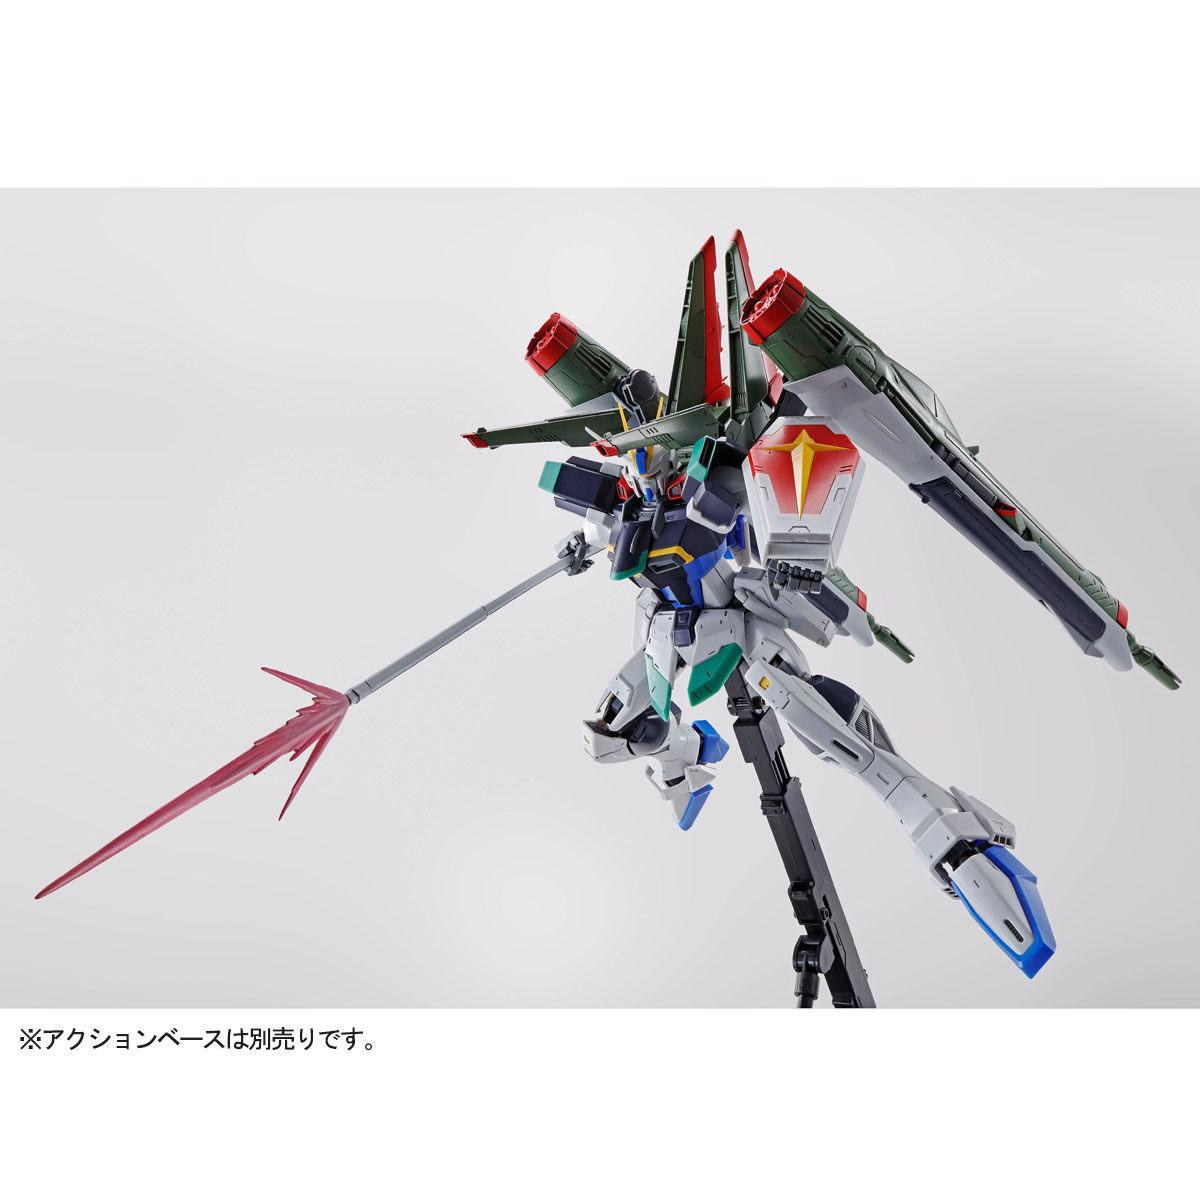 【限定販売】MG 1/100『ブラストインパルスガンダム』プラモデル-007